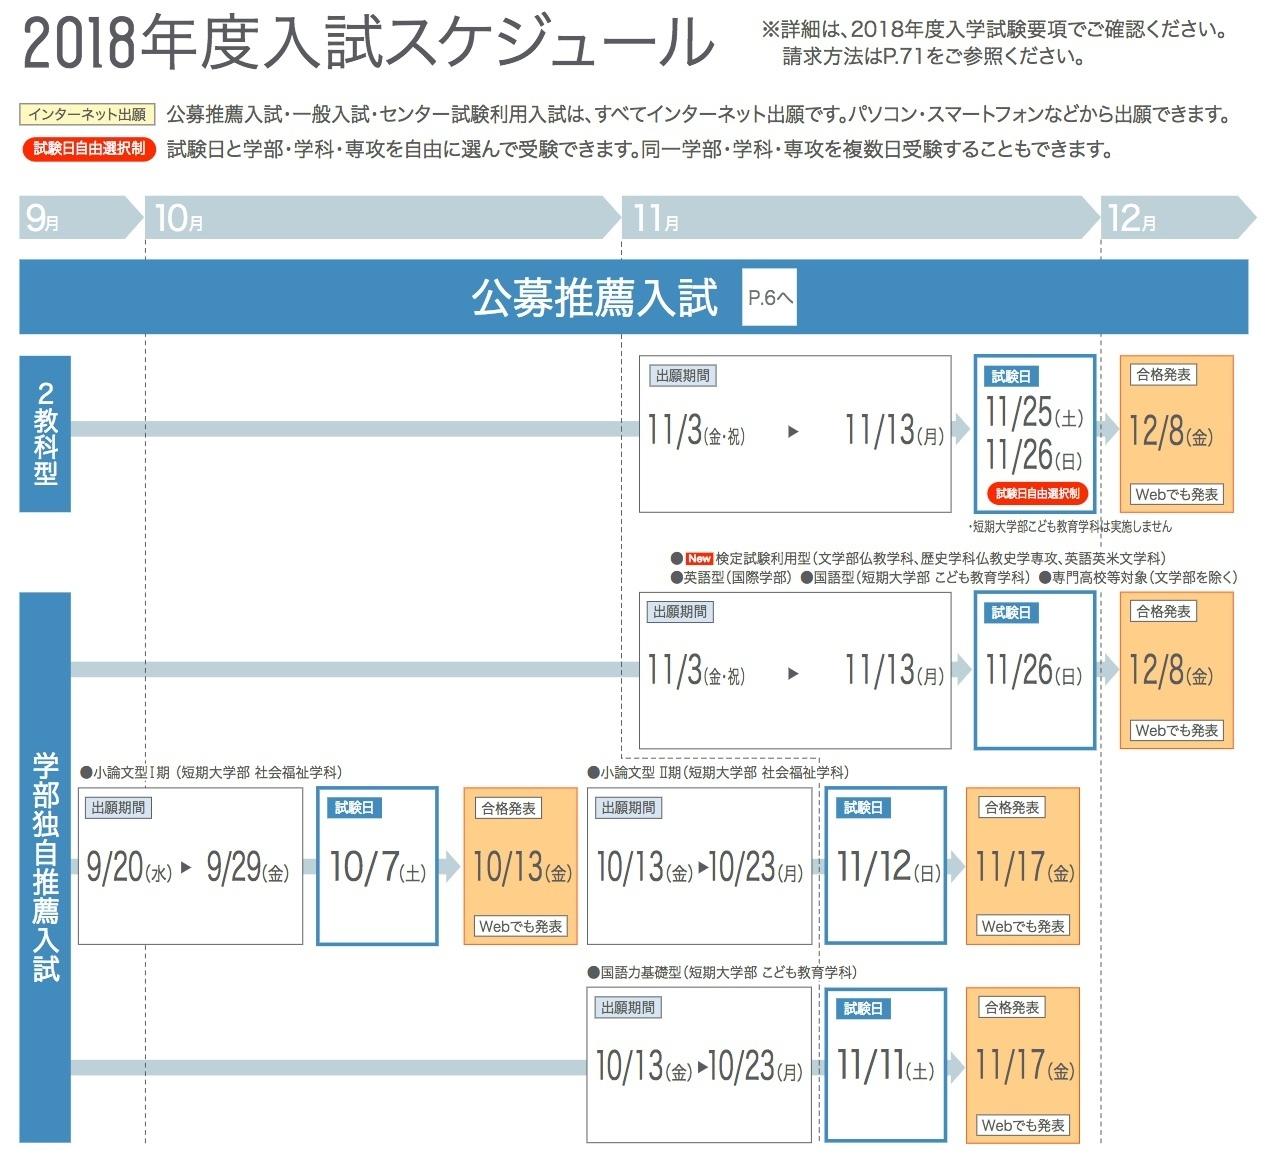 東京 農業 大学 公募 推薦